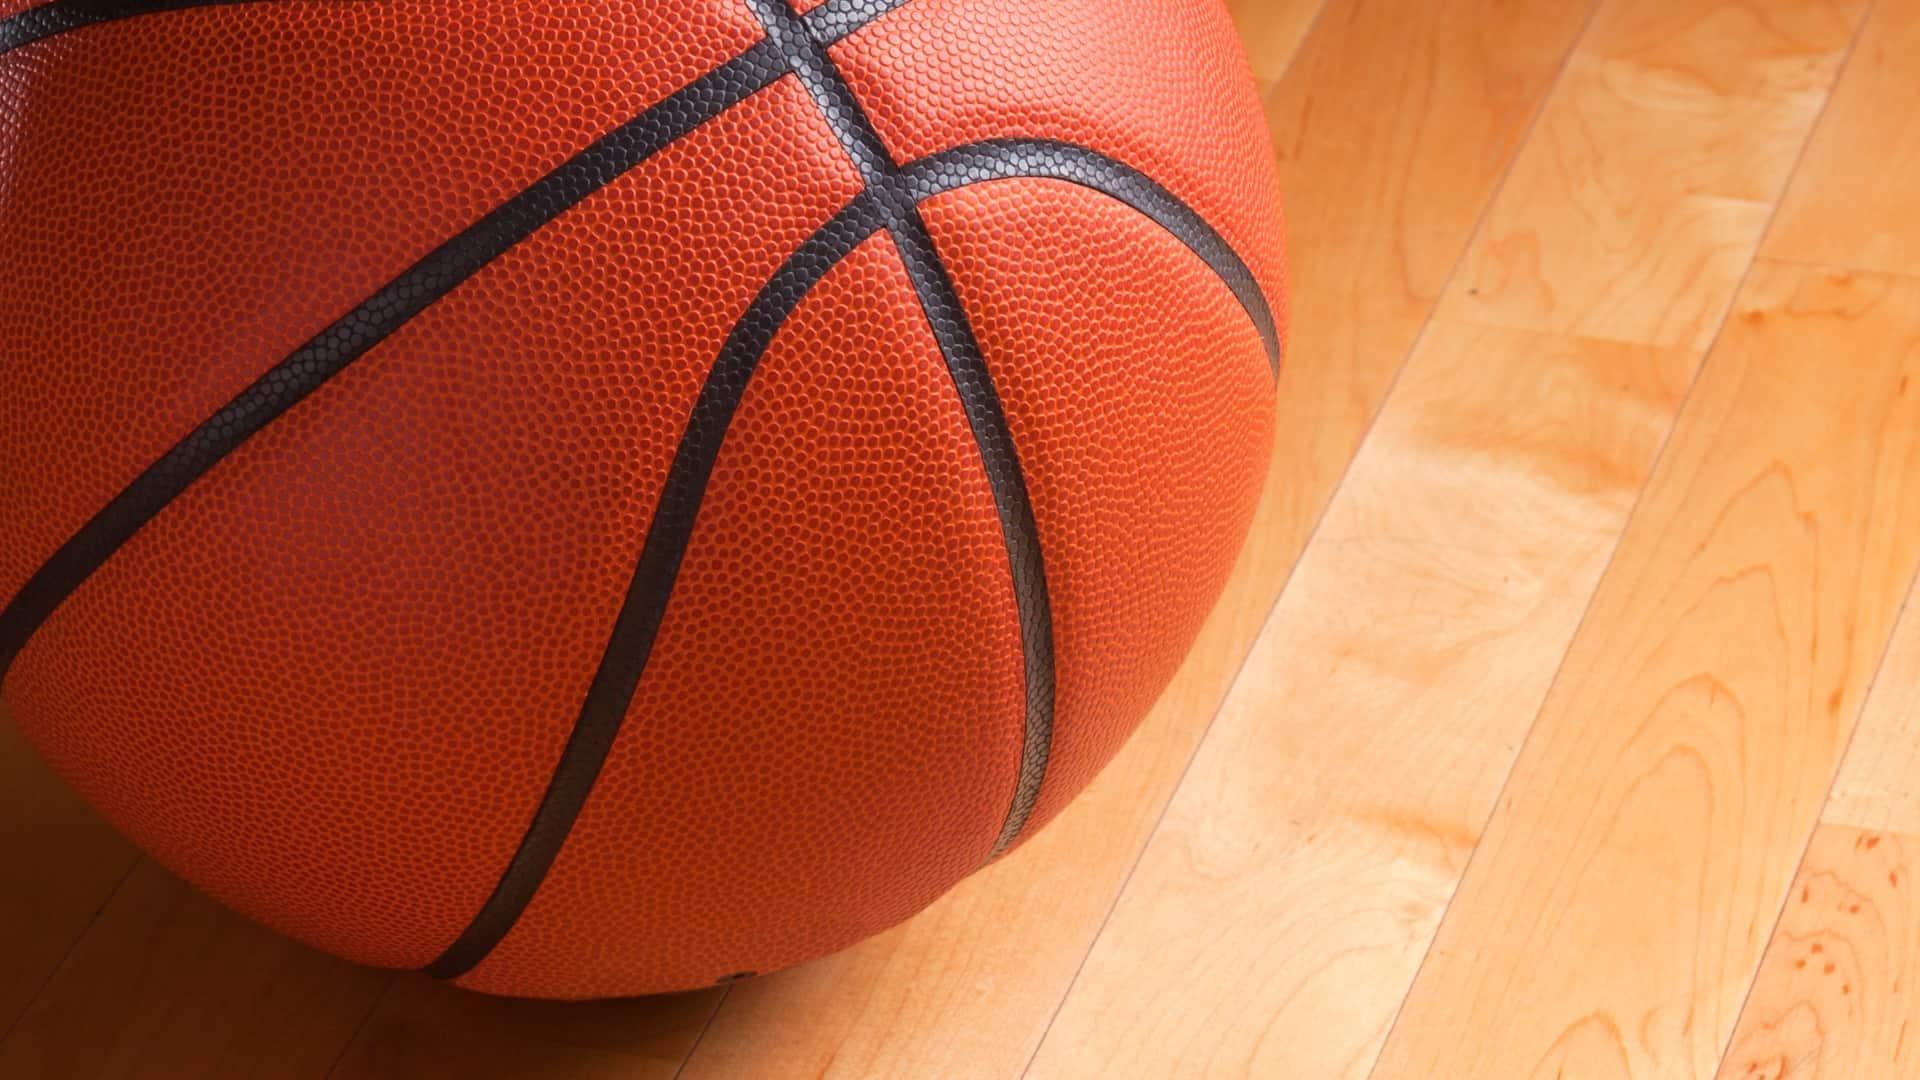 Basketbal: Wat zijn de beste basketballen van 2020?